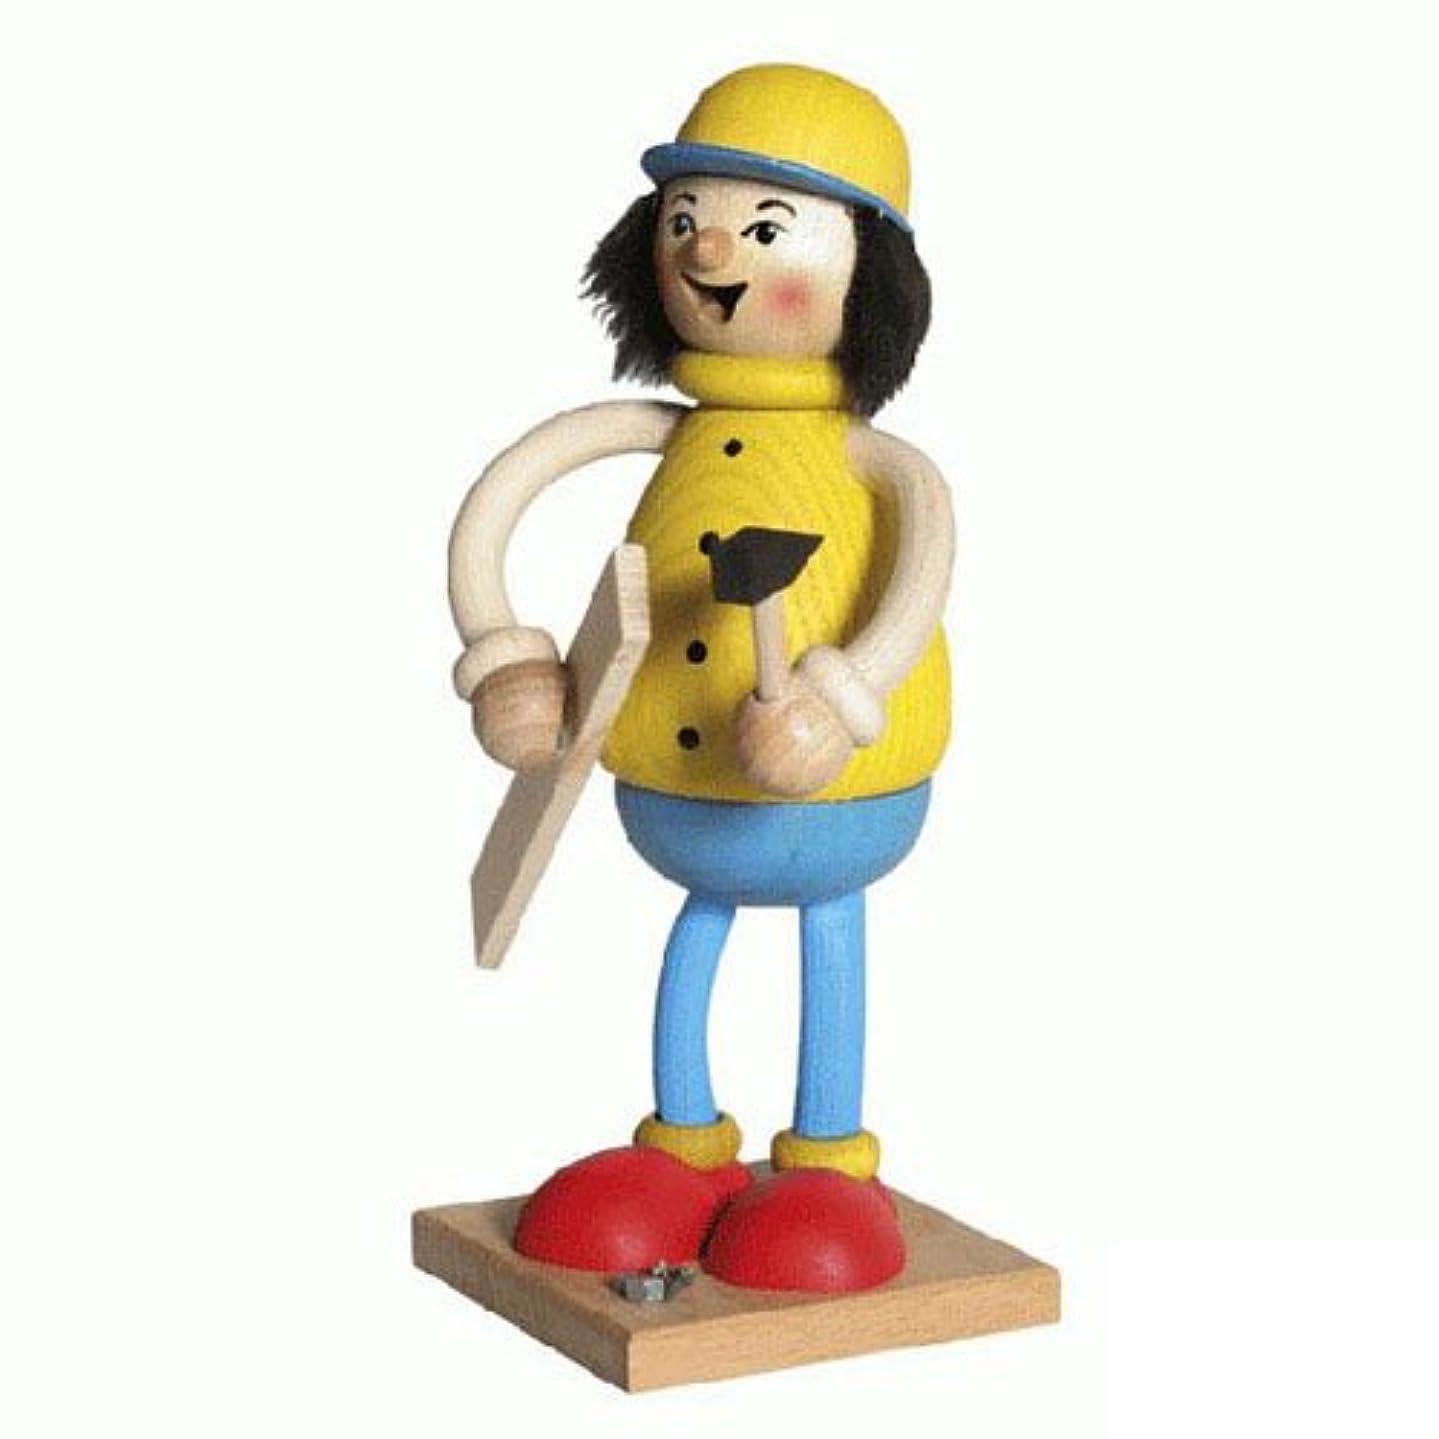 掻くテクスチャー損傷39096 Kuhnert(クーネルト) ミニパイプ人形香炉 DIY